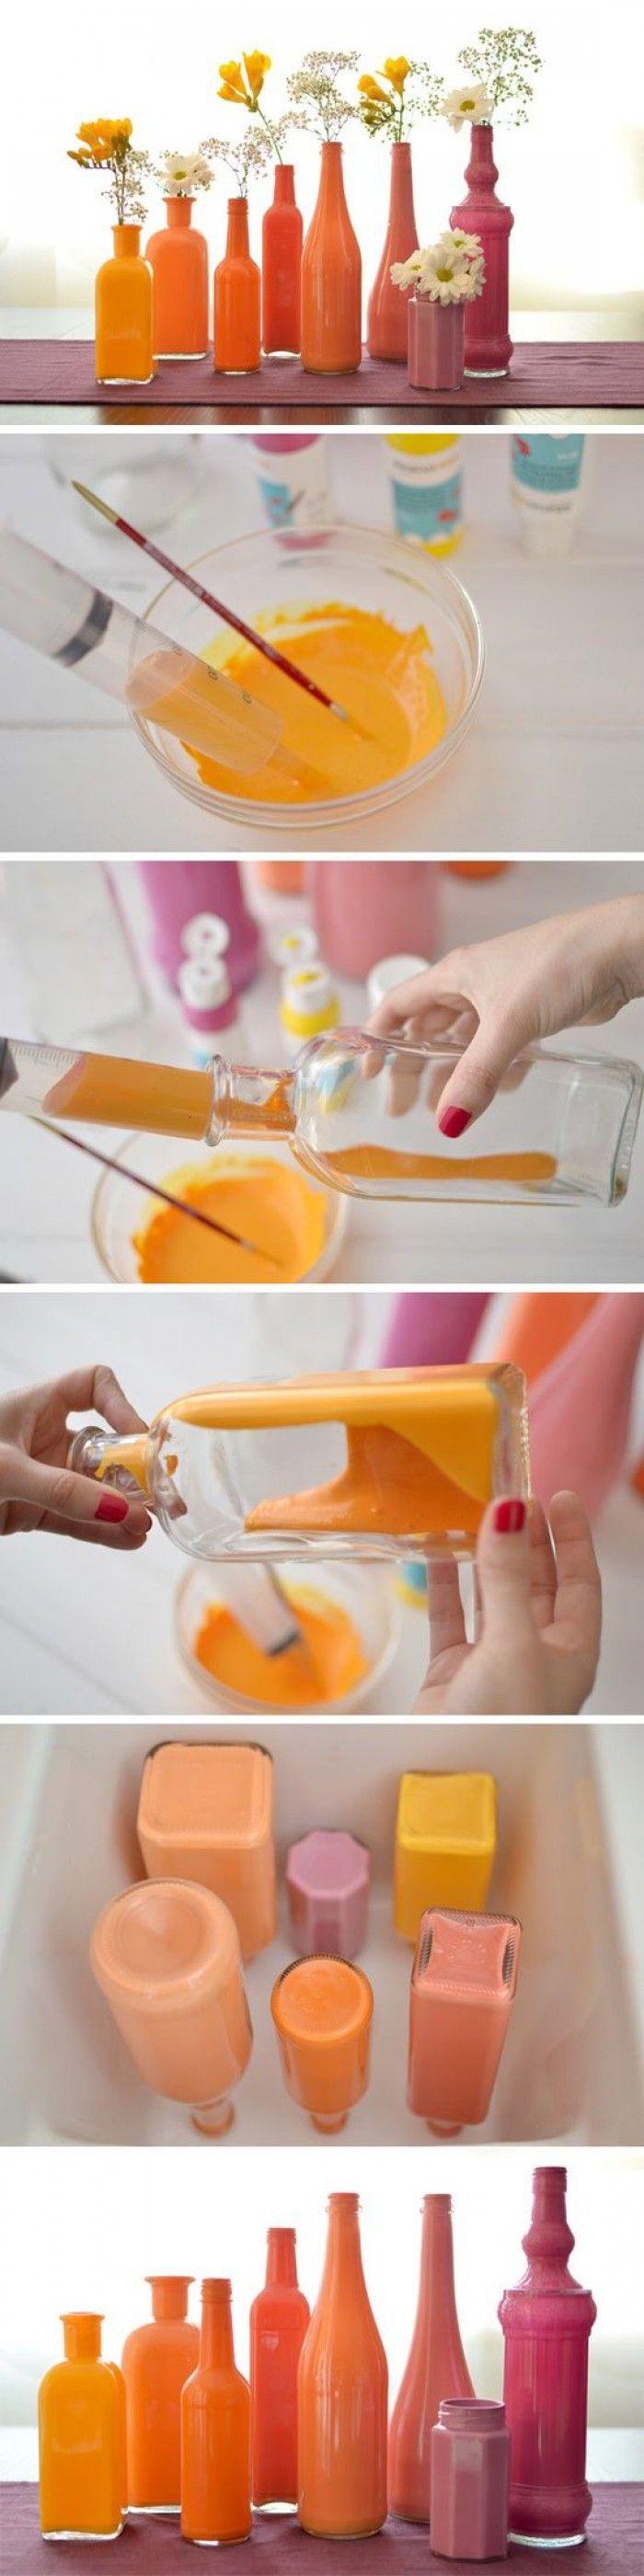 Leuk idee voor (oude) flessen en vazen